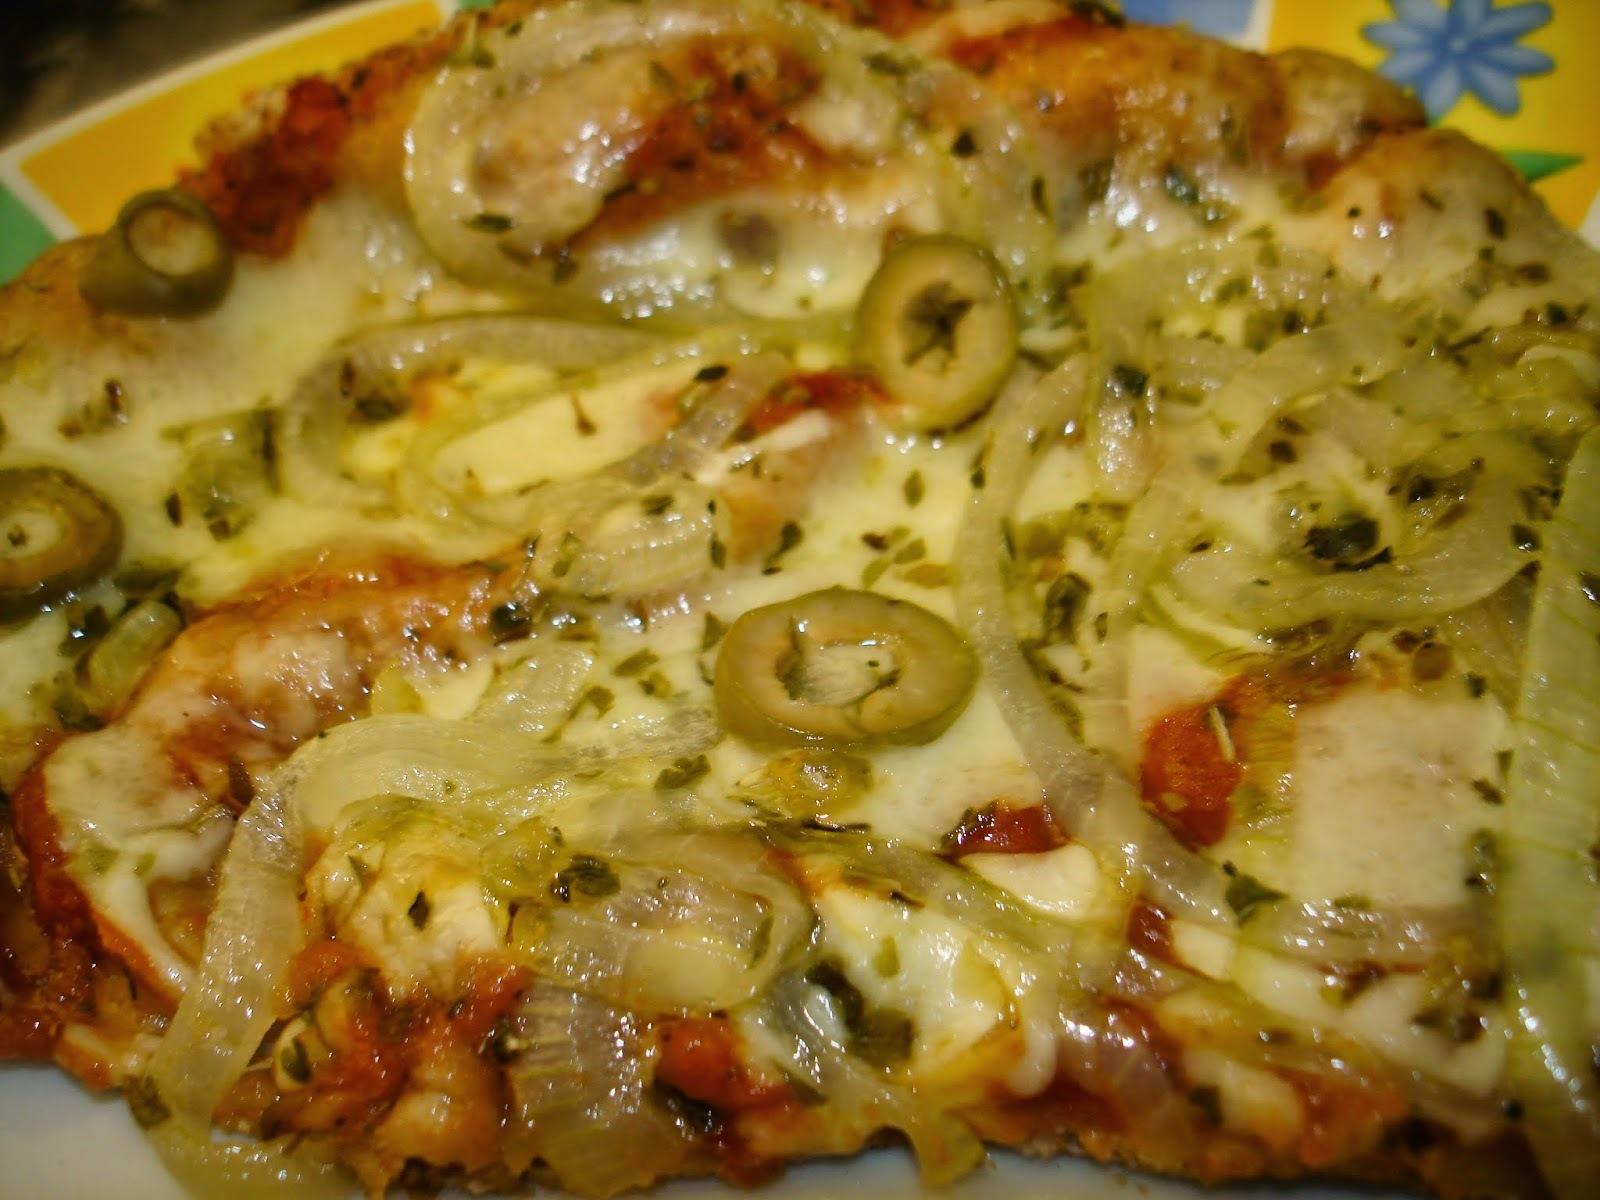 Pizza de Pão Sírio Integral: rápido e gostoso, todo mundo pode ajudar!